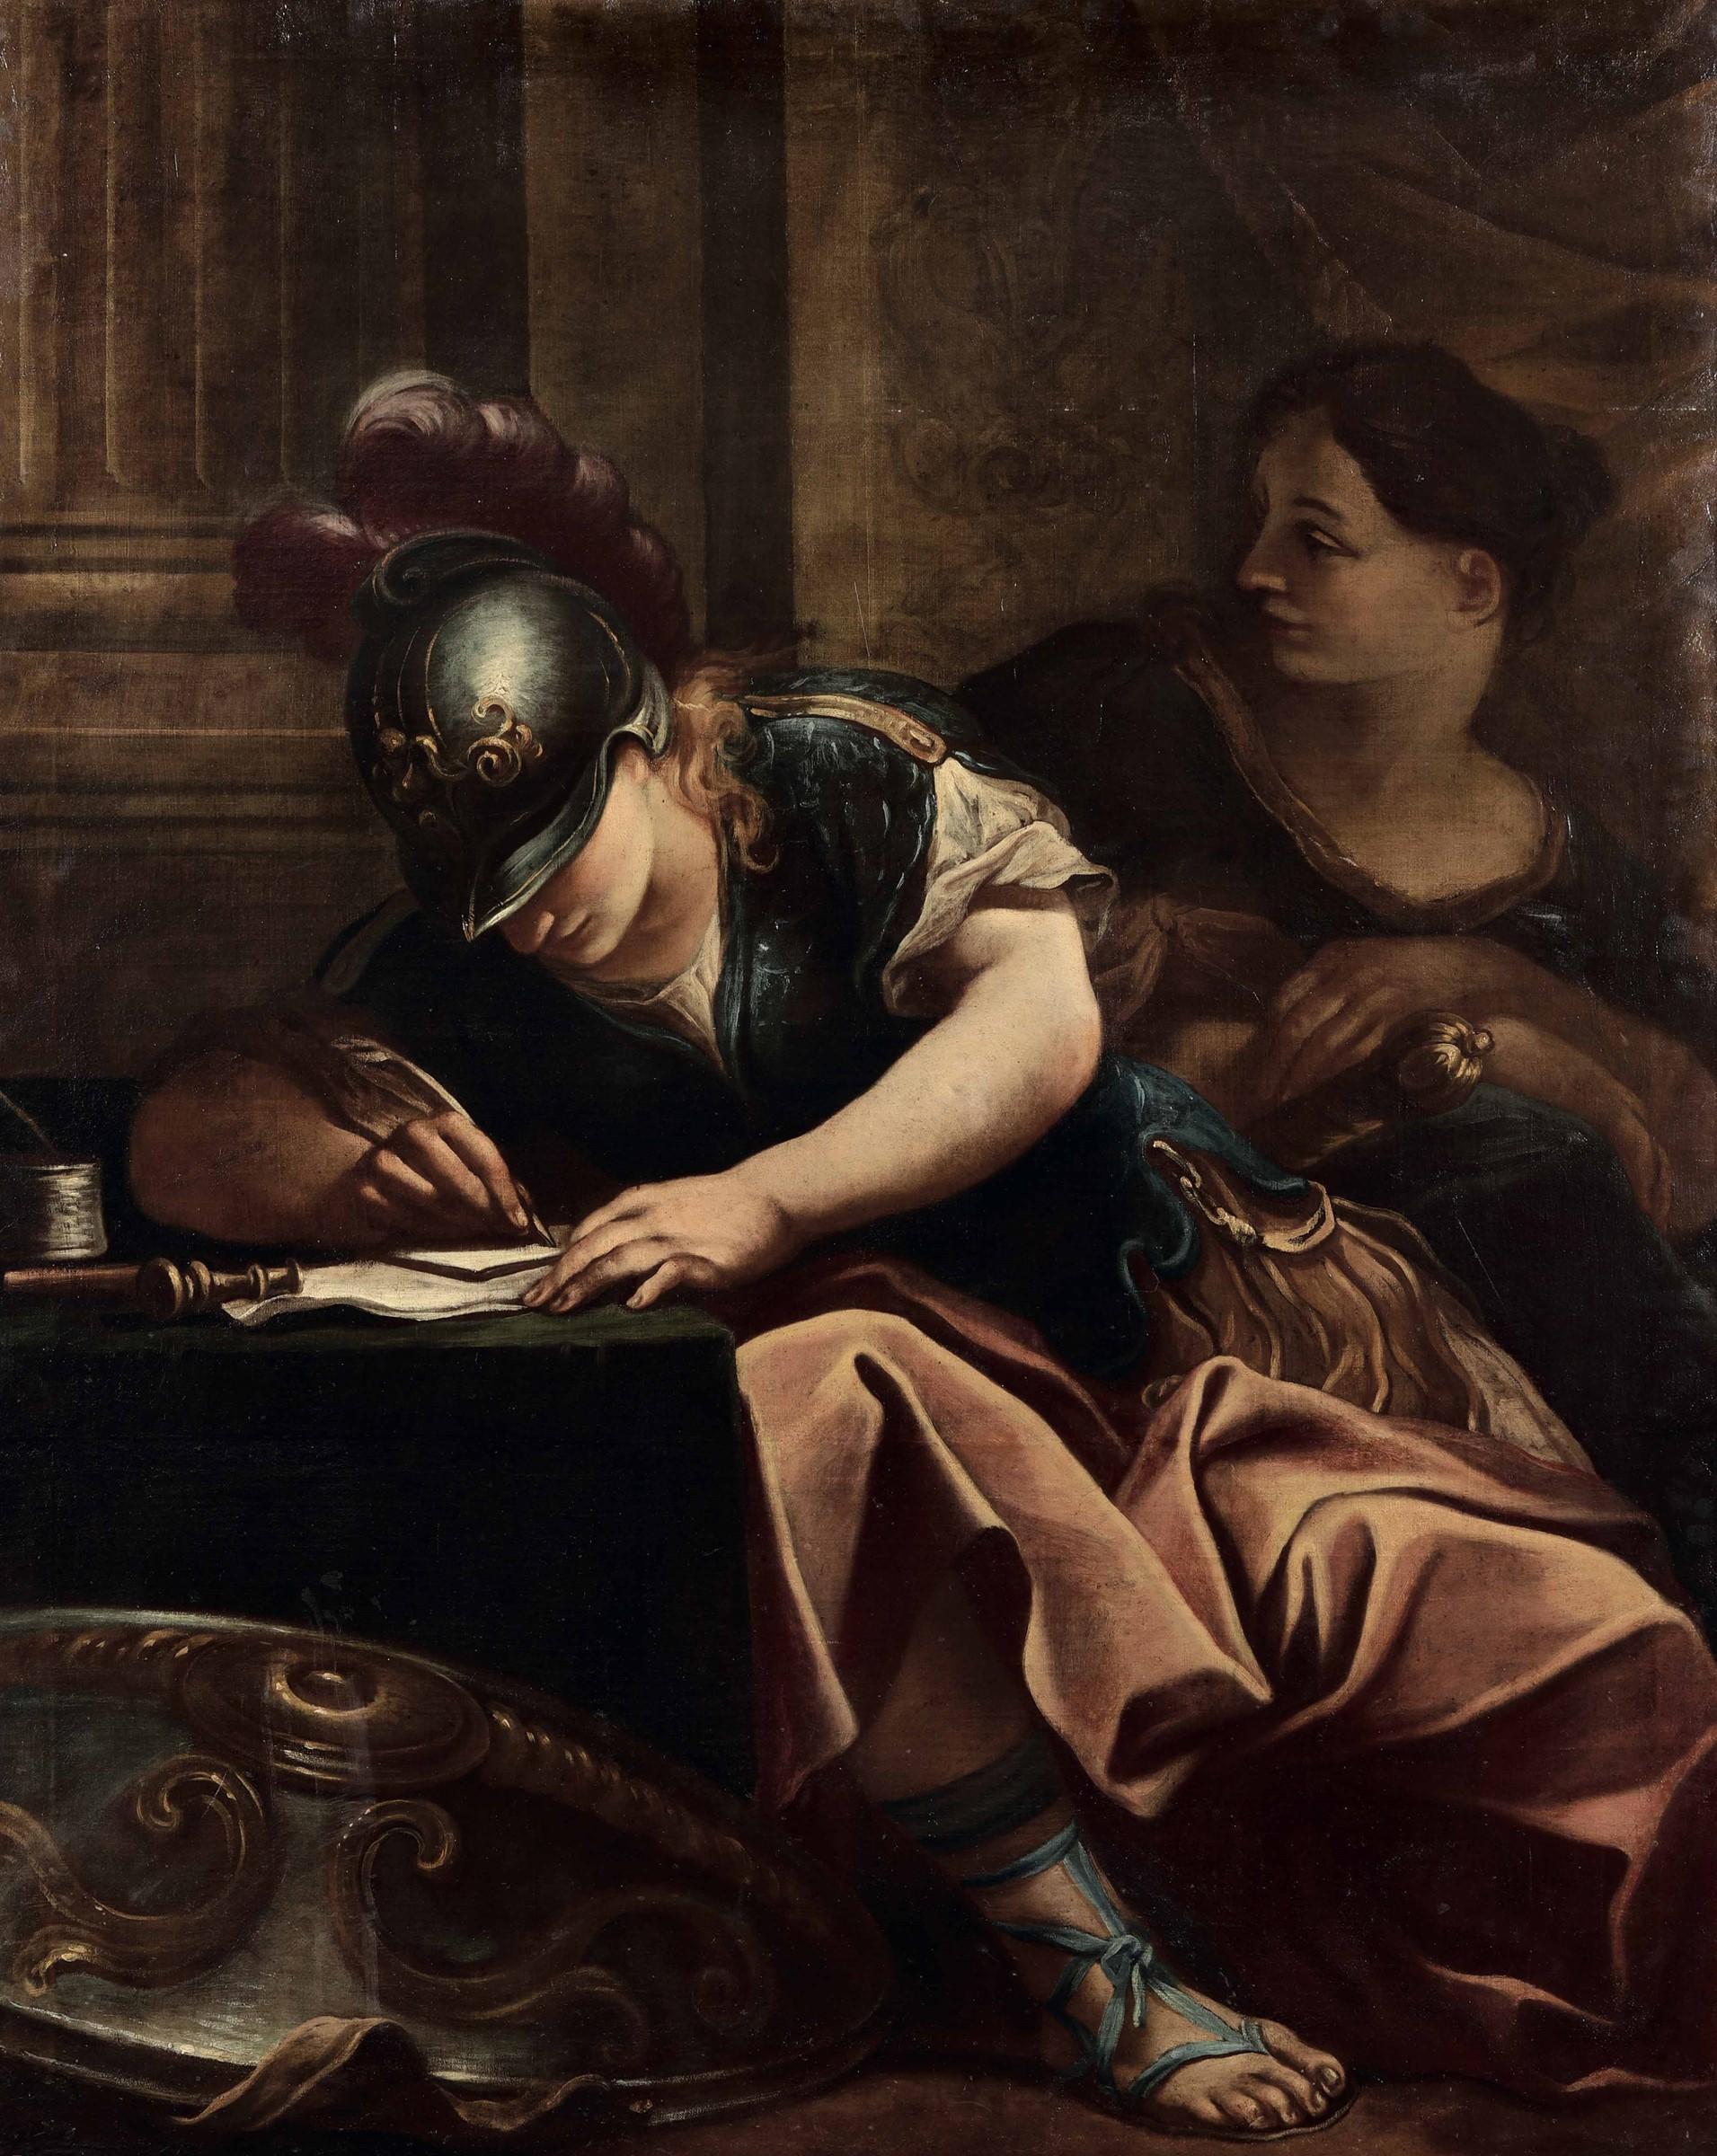 Scuola italiana del XVII secolo, Episodio della Gerusalemme liberata - olio su tela, [...]